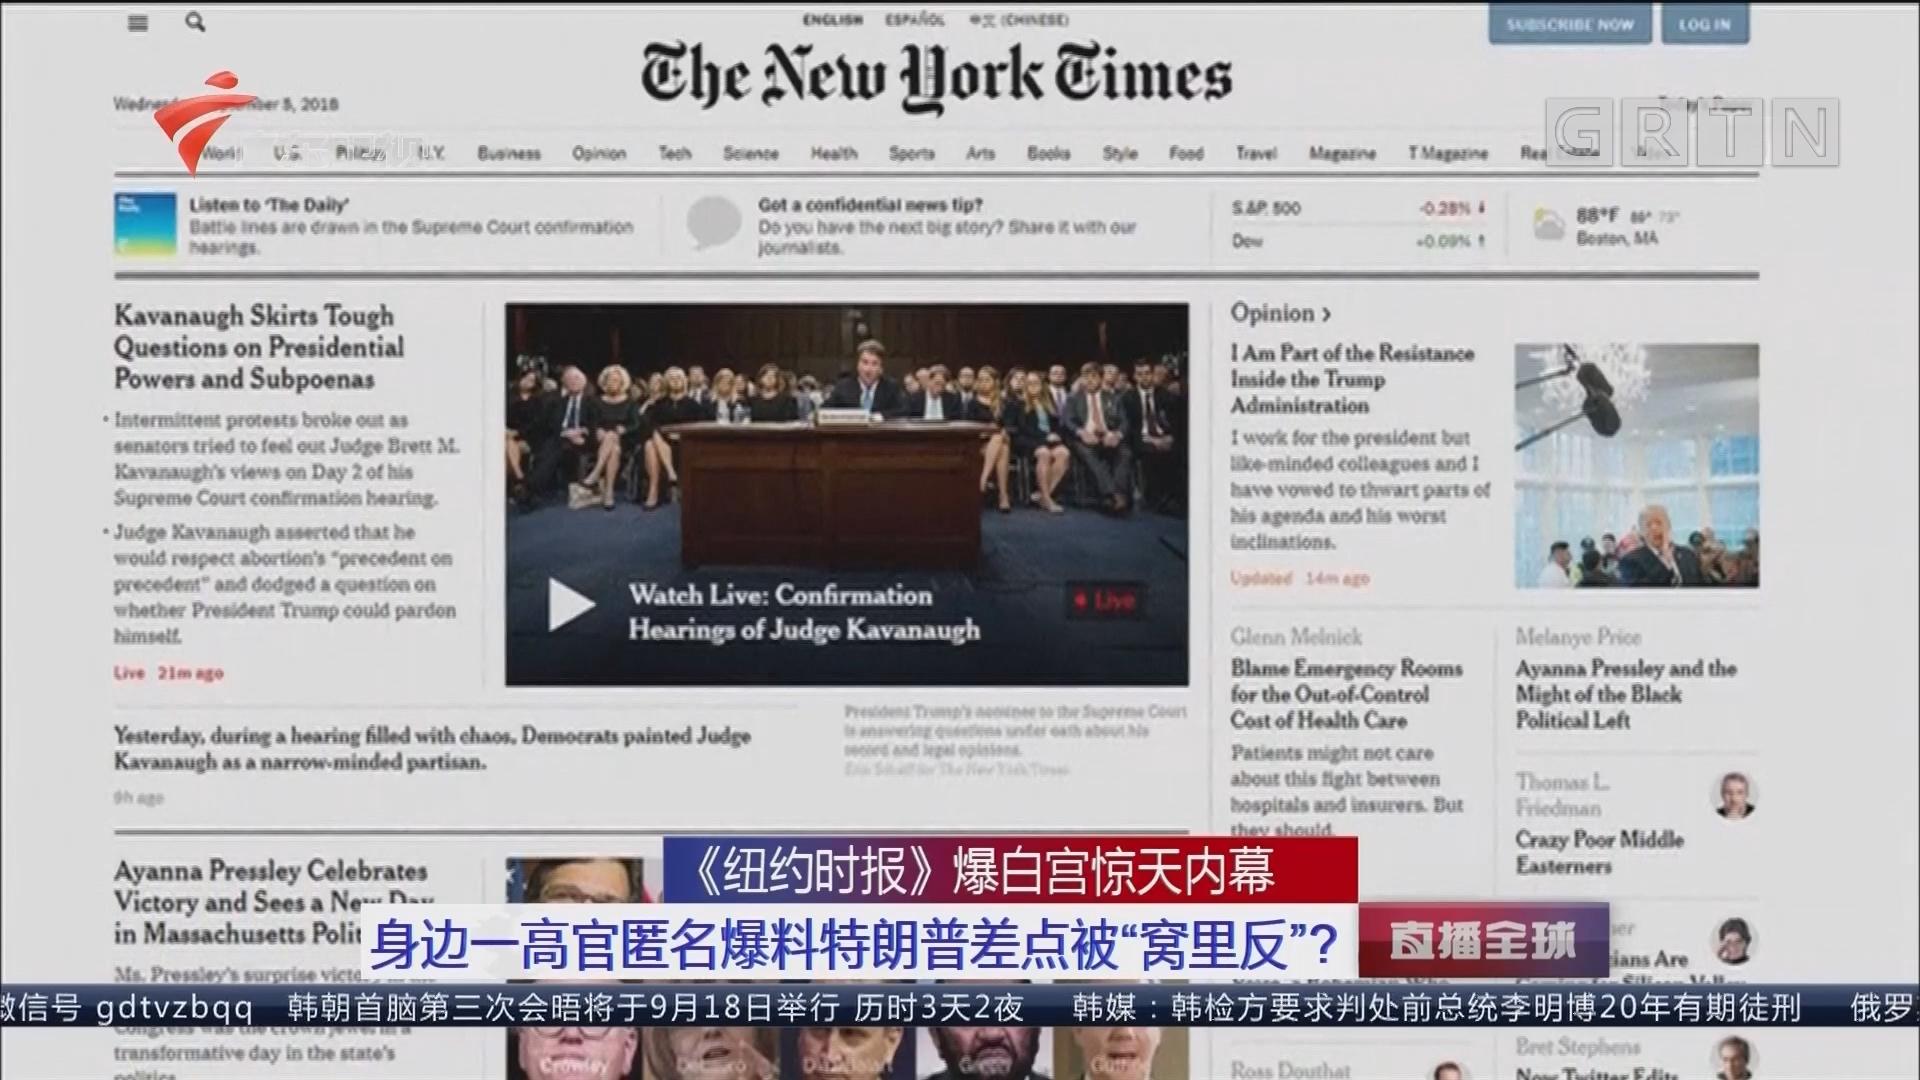 """《纽约时报》爆白宫惊天内幕:身边一高管匿名爆料特朗普差点被""""窝里反""""?"""